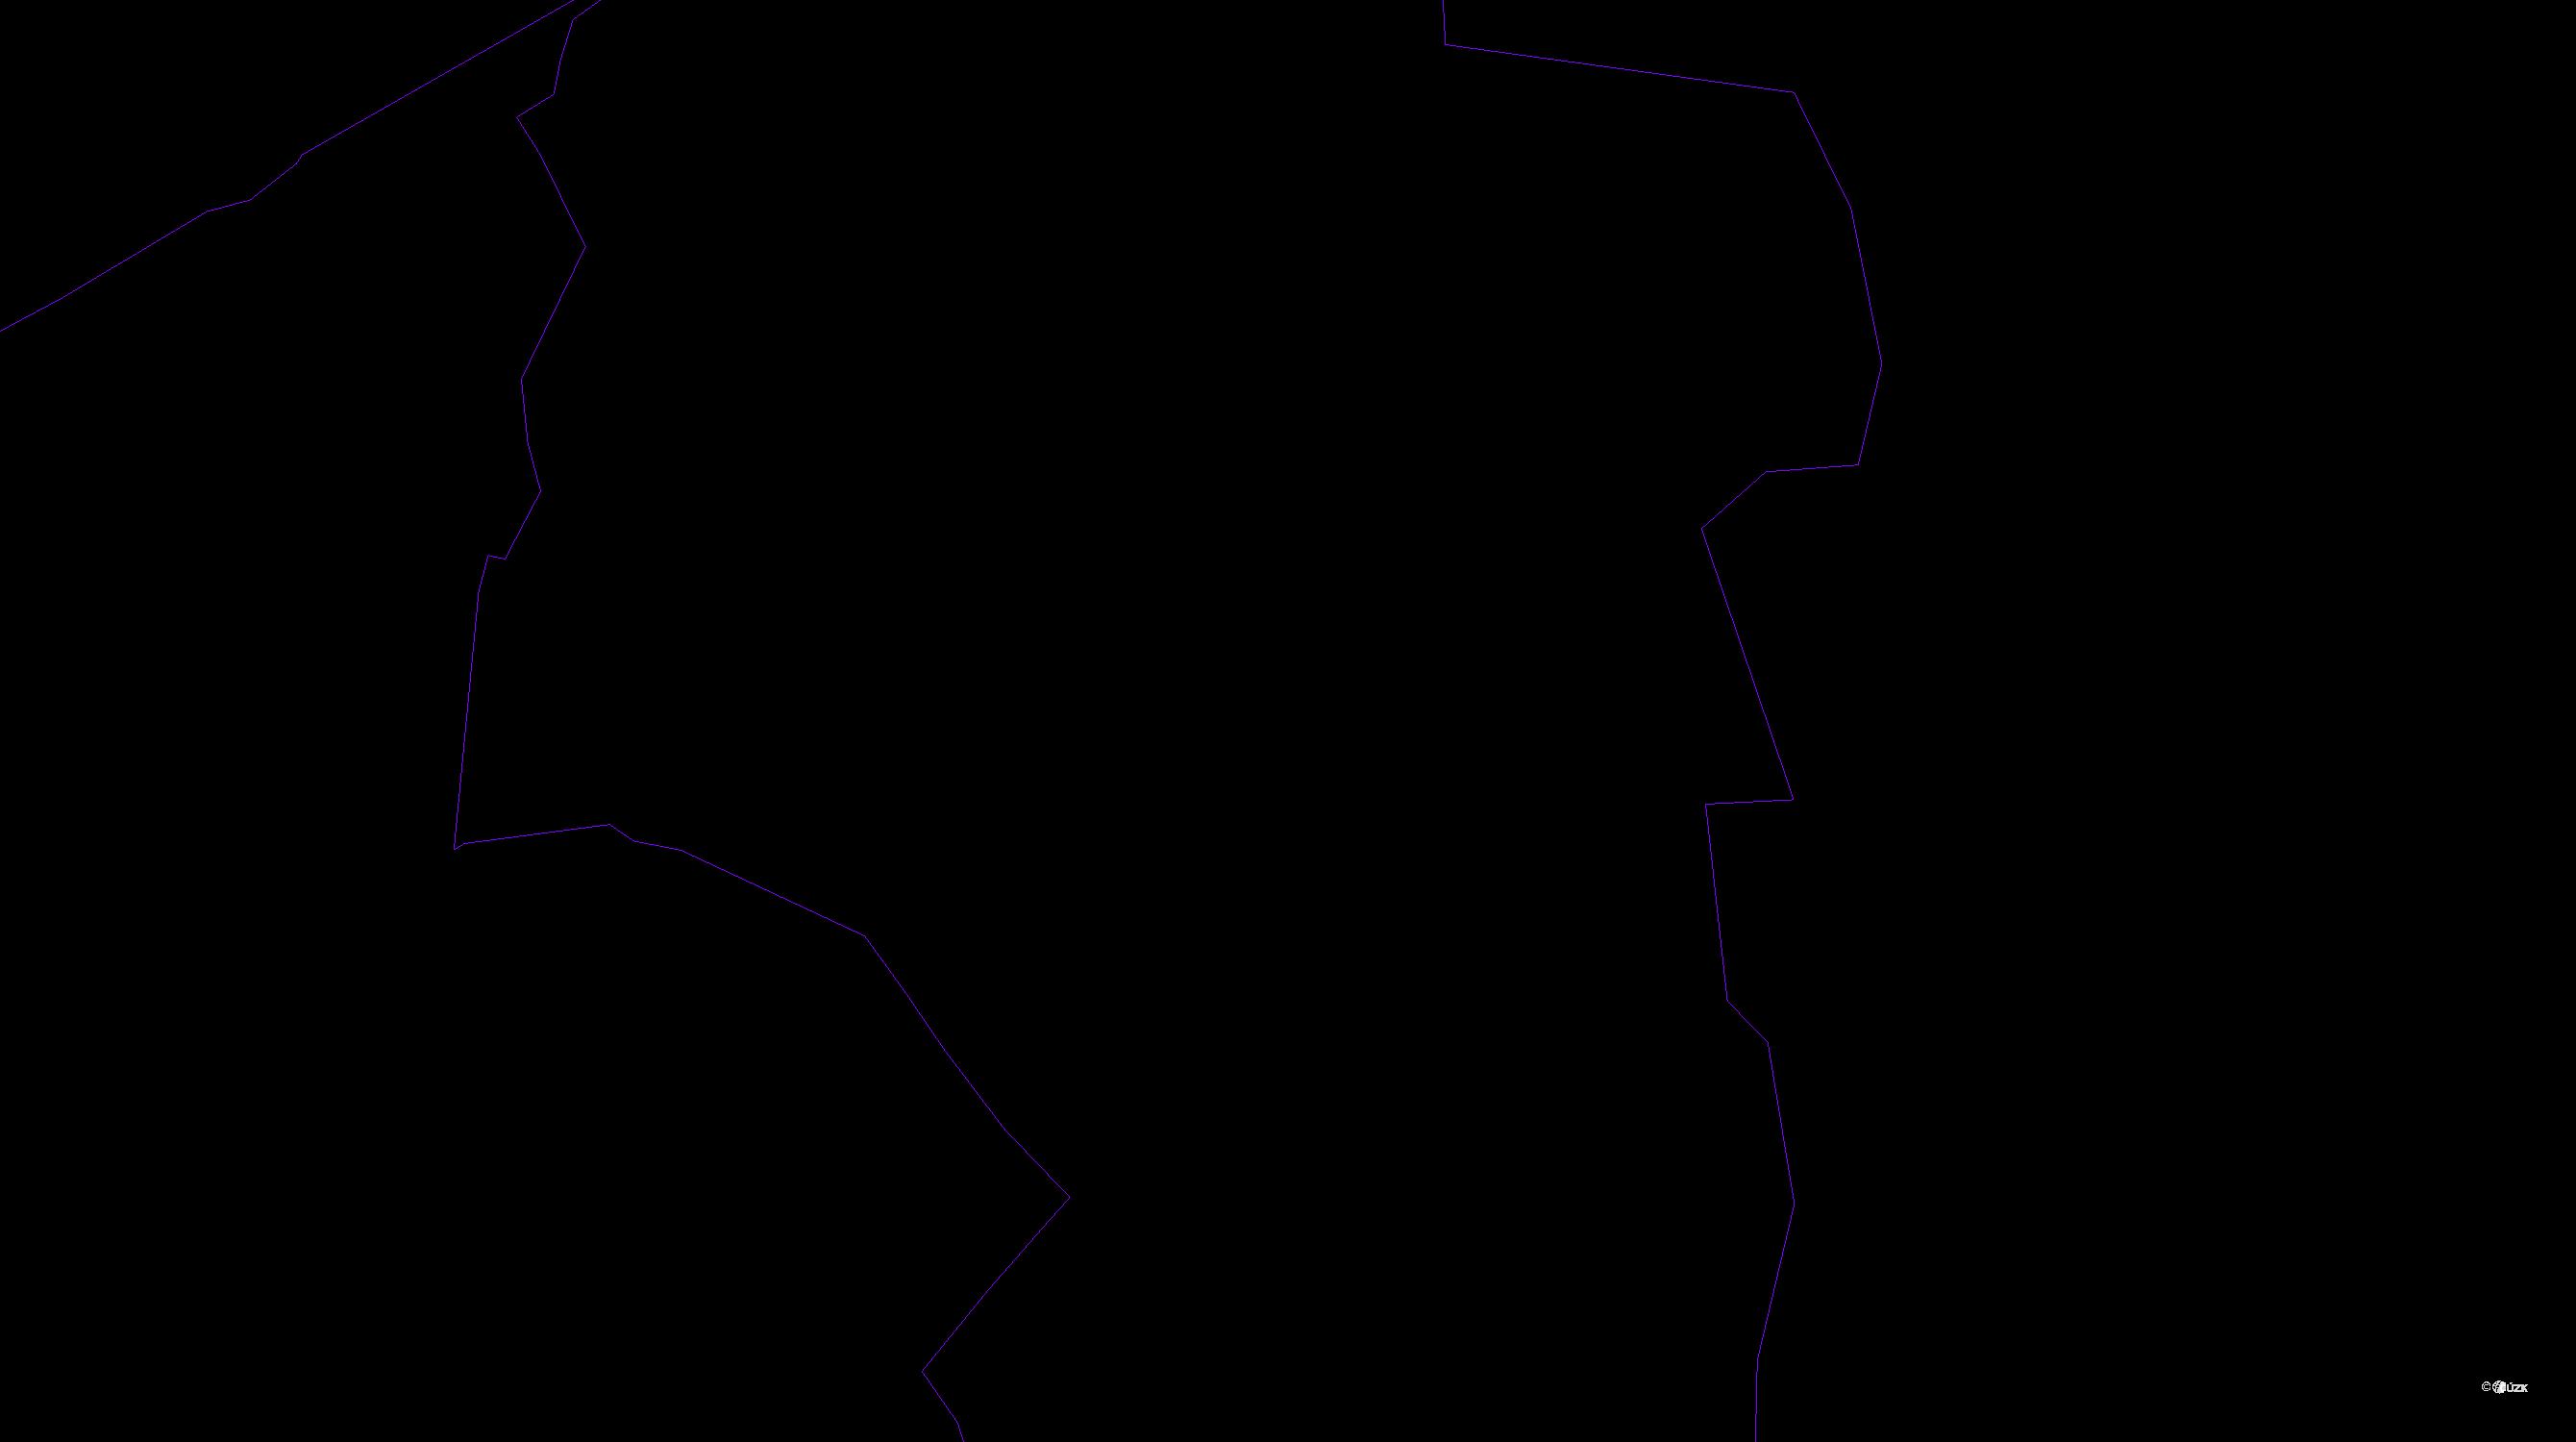 Katastrální mapa pozemků a čísla parcel Střížovice u Ústí nad Labem